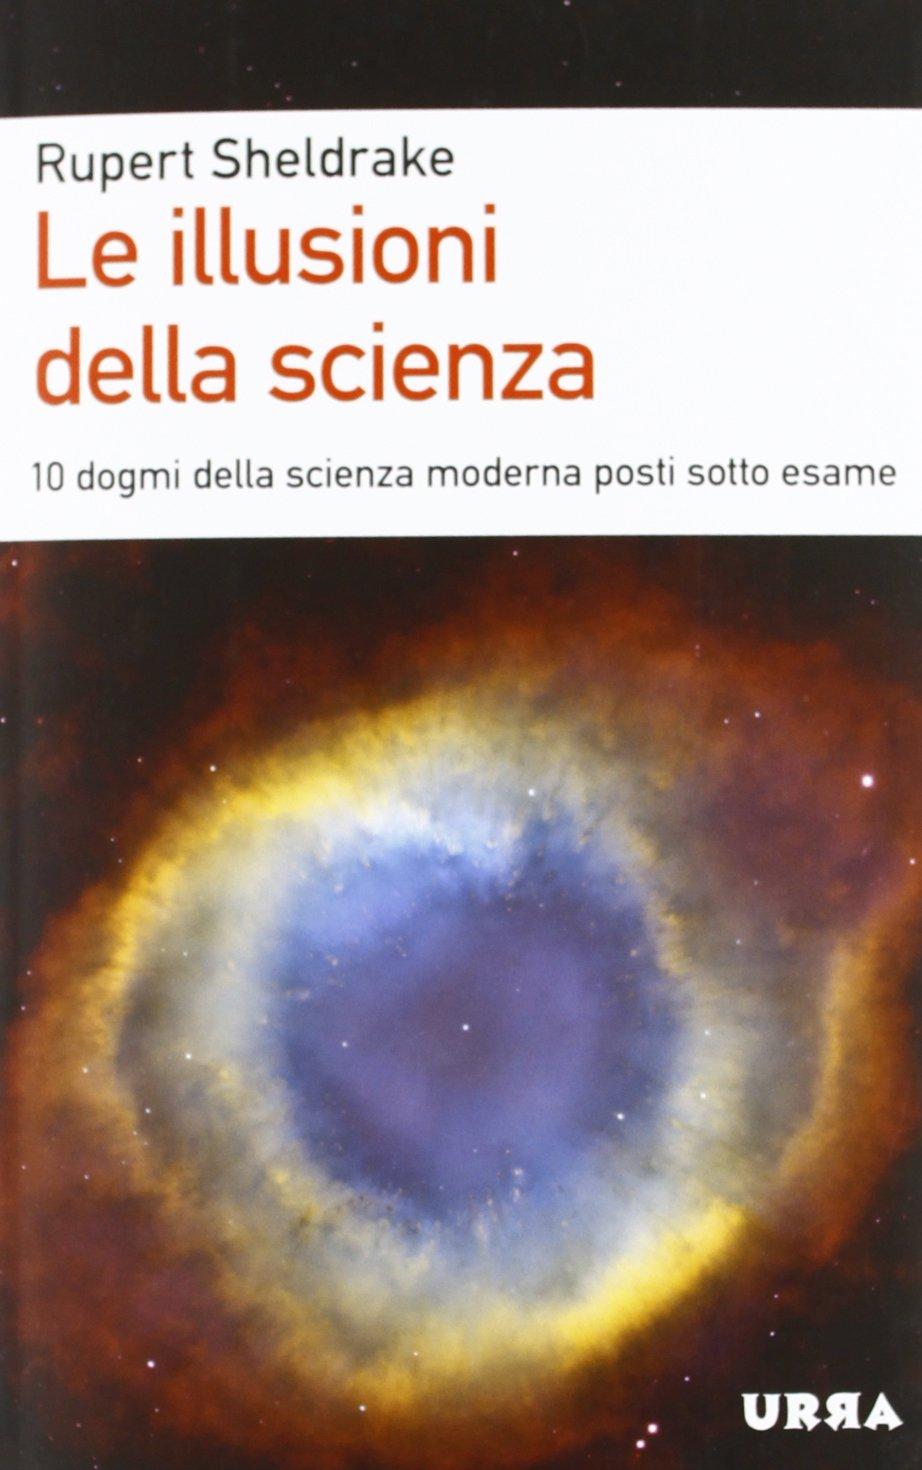 """La scienza si è illusa di aver già compreso la natura della realtà: le questioni fondamentali hanno già trovato risposta, lasciando solo i dettagli da definire. Rupert Sheldrake, uno degli scienziati più innovativi ed esponente di quello che viene definito un approccio """"organicista"""", pensa invece che le scienze stiano attraversando una impasse determinata proprio da ipotesi date regolarmente per sottintese, mai messe in dubbio, accettate come un articolo di fede. Egli sostiene che la """"visione scientifica"""", ancorandosi ai suoi assunti trasformati in dogmi, sia diventata un sistema di credenze: tutta la realtà è o materiale o fisica, il mondo è una macchina, e la materia è priva di coscienza, il libero arbitrio è illusorio, le leggi di natura sono costanti e la natura è senza finalità, la coscienza non è altro che l'attività fisica del cervello e Dio vive solo come un'idea nella mente umana, la medicina meccanicistica è l'unica che funziona veramente, e così via. Sheldrake individua dieci """"dogmi"""" del materialismo, trasforma ciascuno di essi in una domanda e a ciascuno dedica uno dei capitoli del libro, in cui sottopone a esame la sua credibilità, i problemi e le anomalie che possono metterlo in crisi, le ricadute nella pratica della vita e della ricerca dell'atteggiamento fideistico che lo supporta. Aprendo nuovi possibili percorsi di indagine, svincolandosi da tali dogmi, la scienza sarebbe migliore: più libera, più interessante, più divertente."""